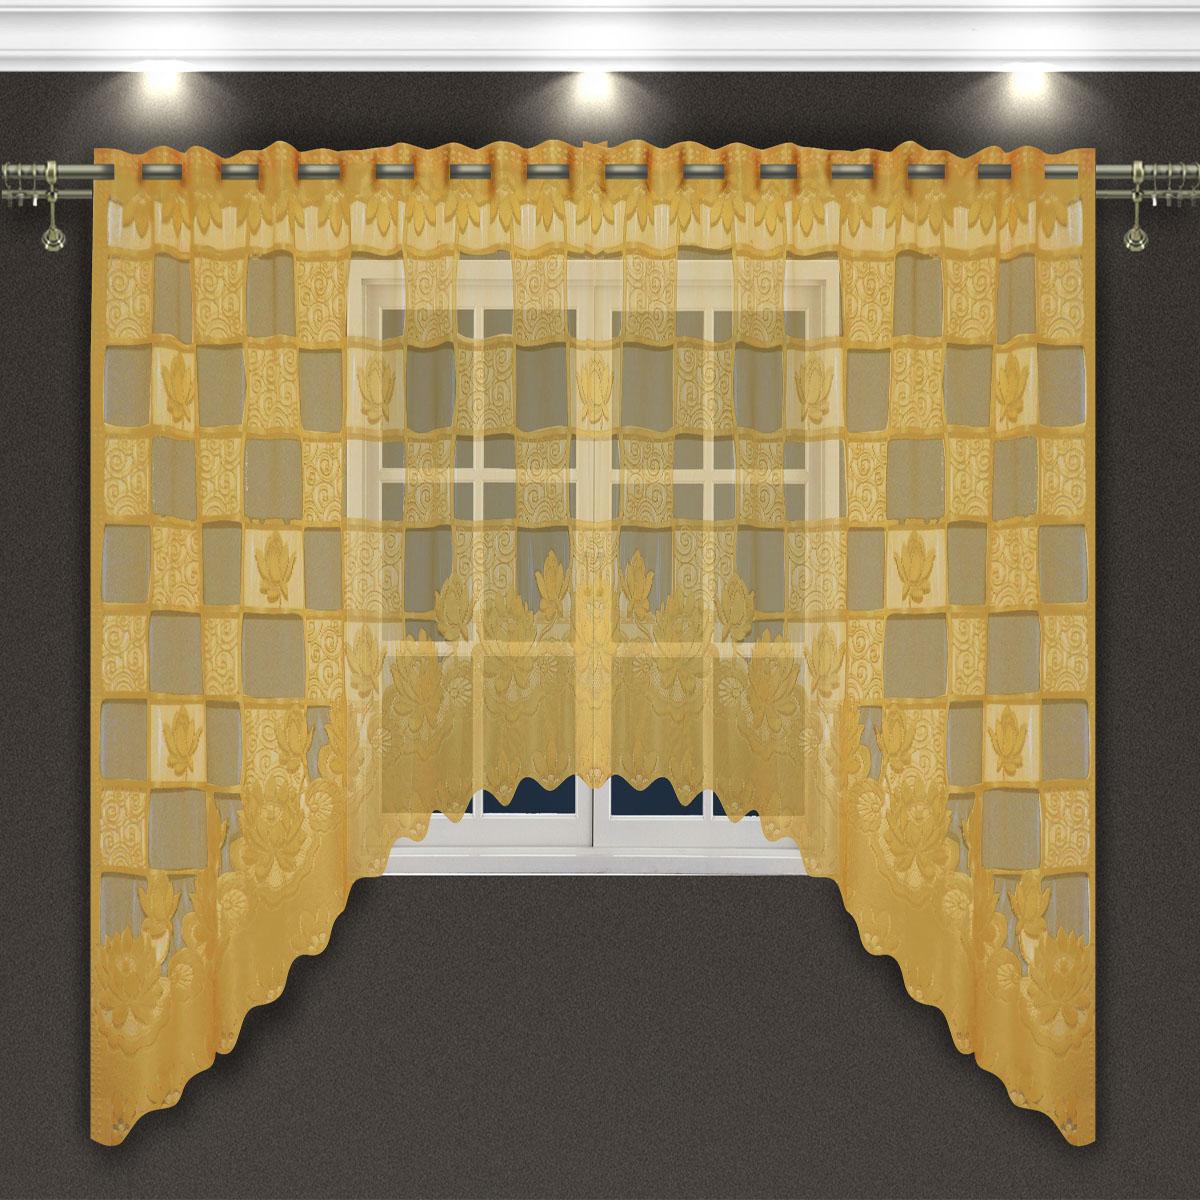 Гардина Zlata Korunka, цвет: золотистый, высота 160 см. 8887188871Гардина-арка Zlata Korunka, изготовленная из высококачественного полиэстера, станет великолепным украшением любого окна. Оригинальное оформление гардины внесет разнообразие и подарит заряд положительного настроения. Крепится через прорези, сделанные в верхней части, или на зажимы для штор.